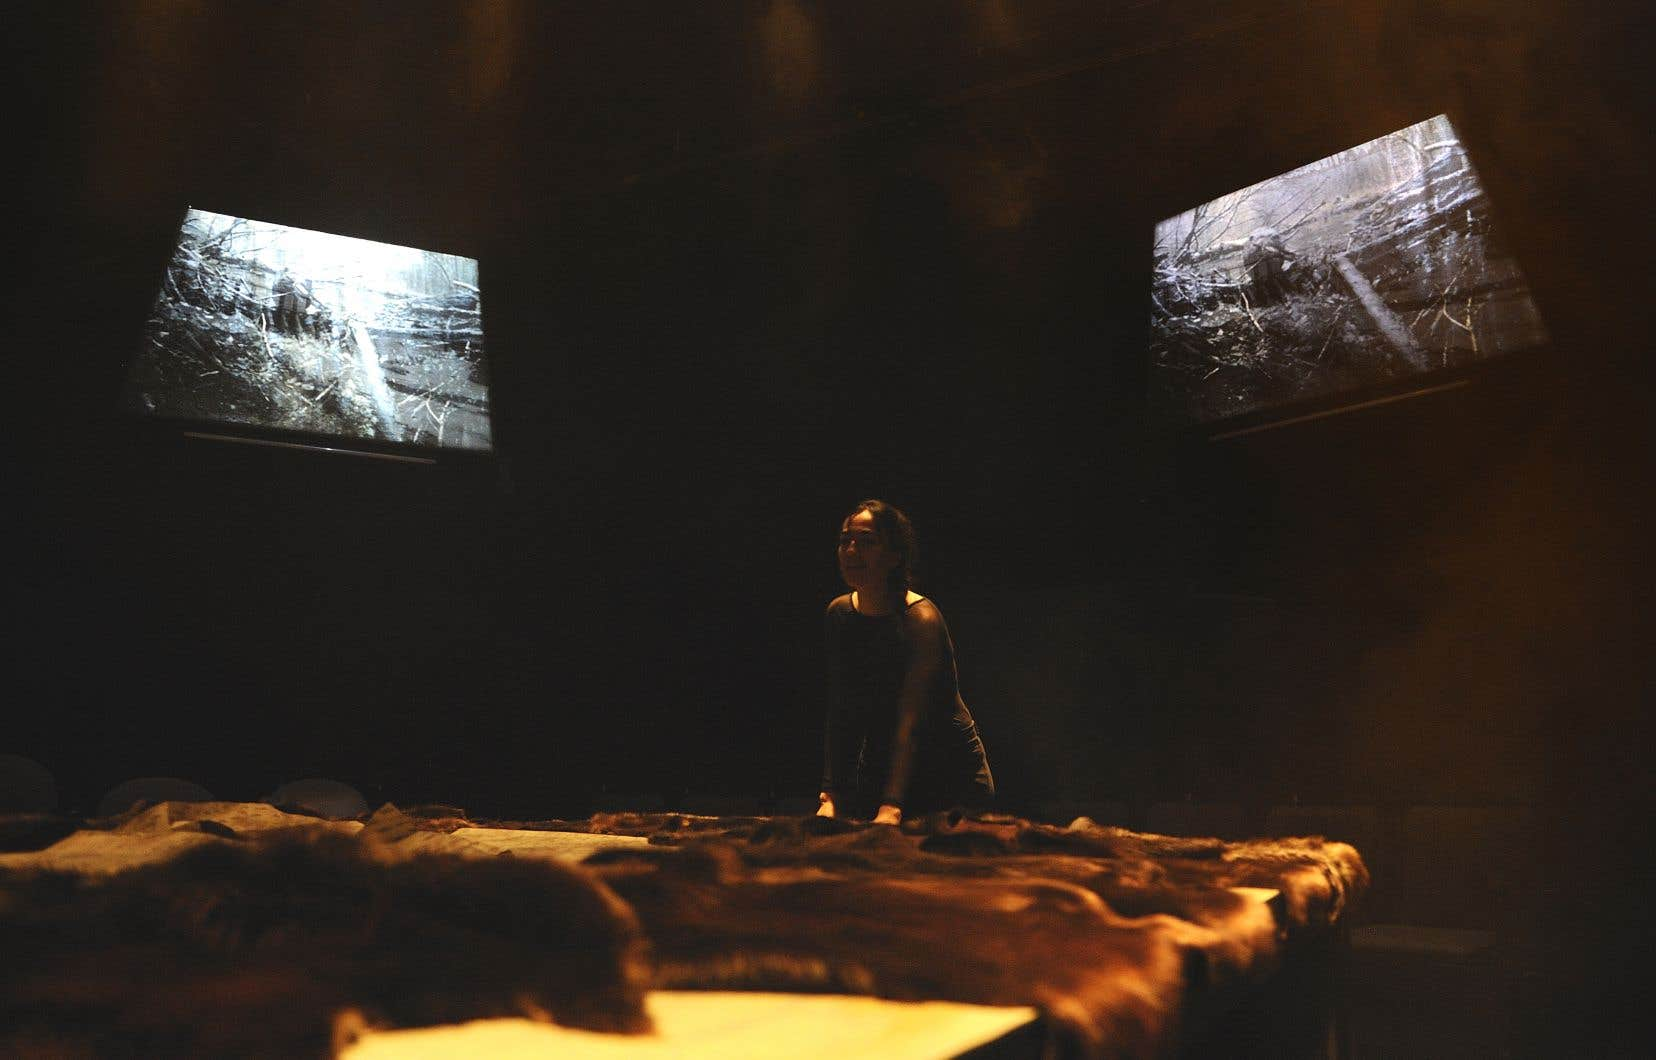 Au centre de la salle, sur une petite scène surélevée, un pentagone entouré d'écrans et de spectateurs, recouvert de peaux de castor et d'écorces de bouleau, Monnet défend son texte avec toute la conviction nécessaire.